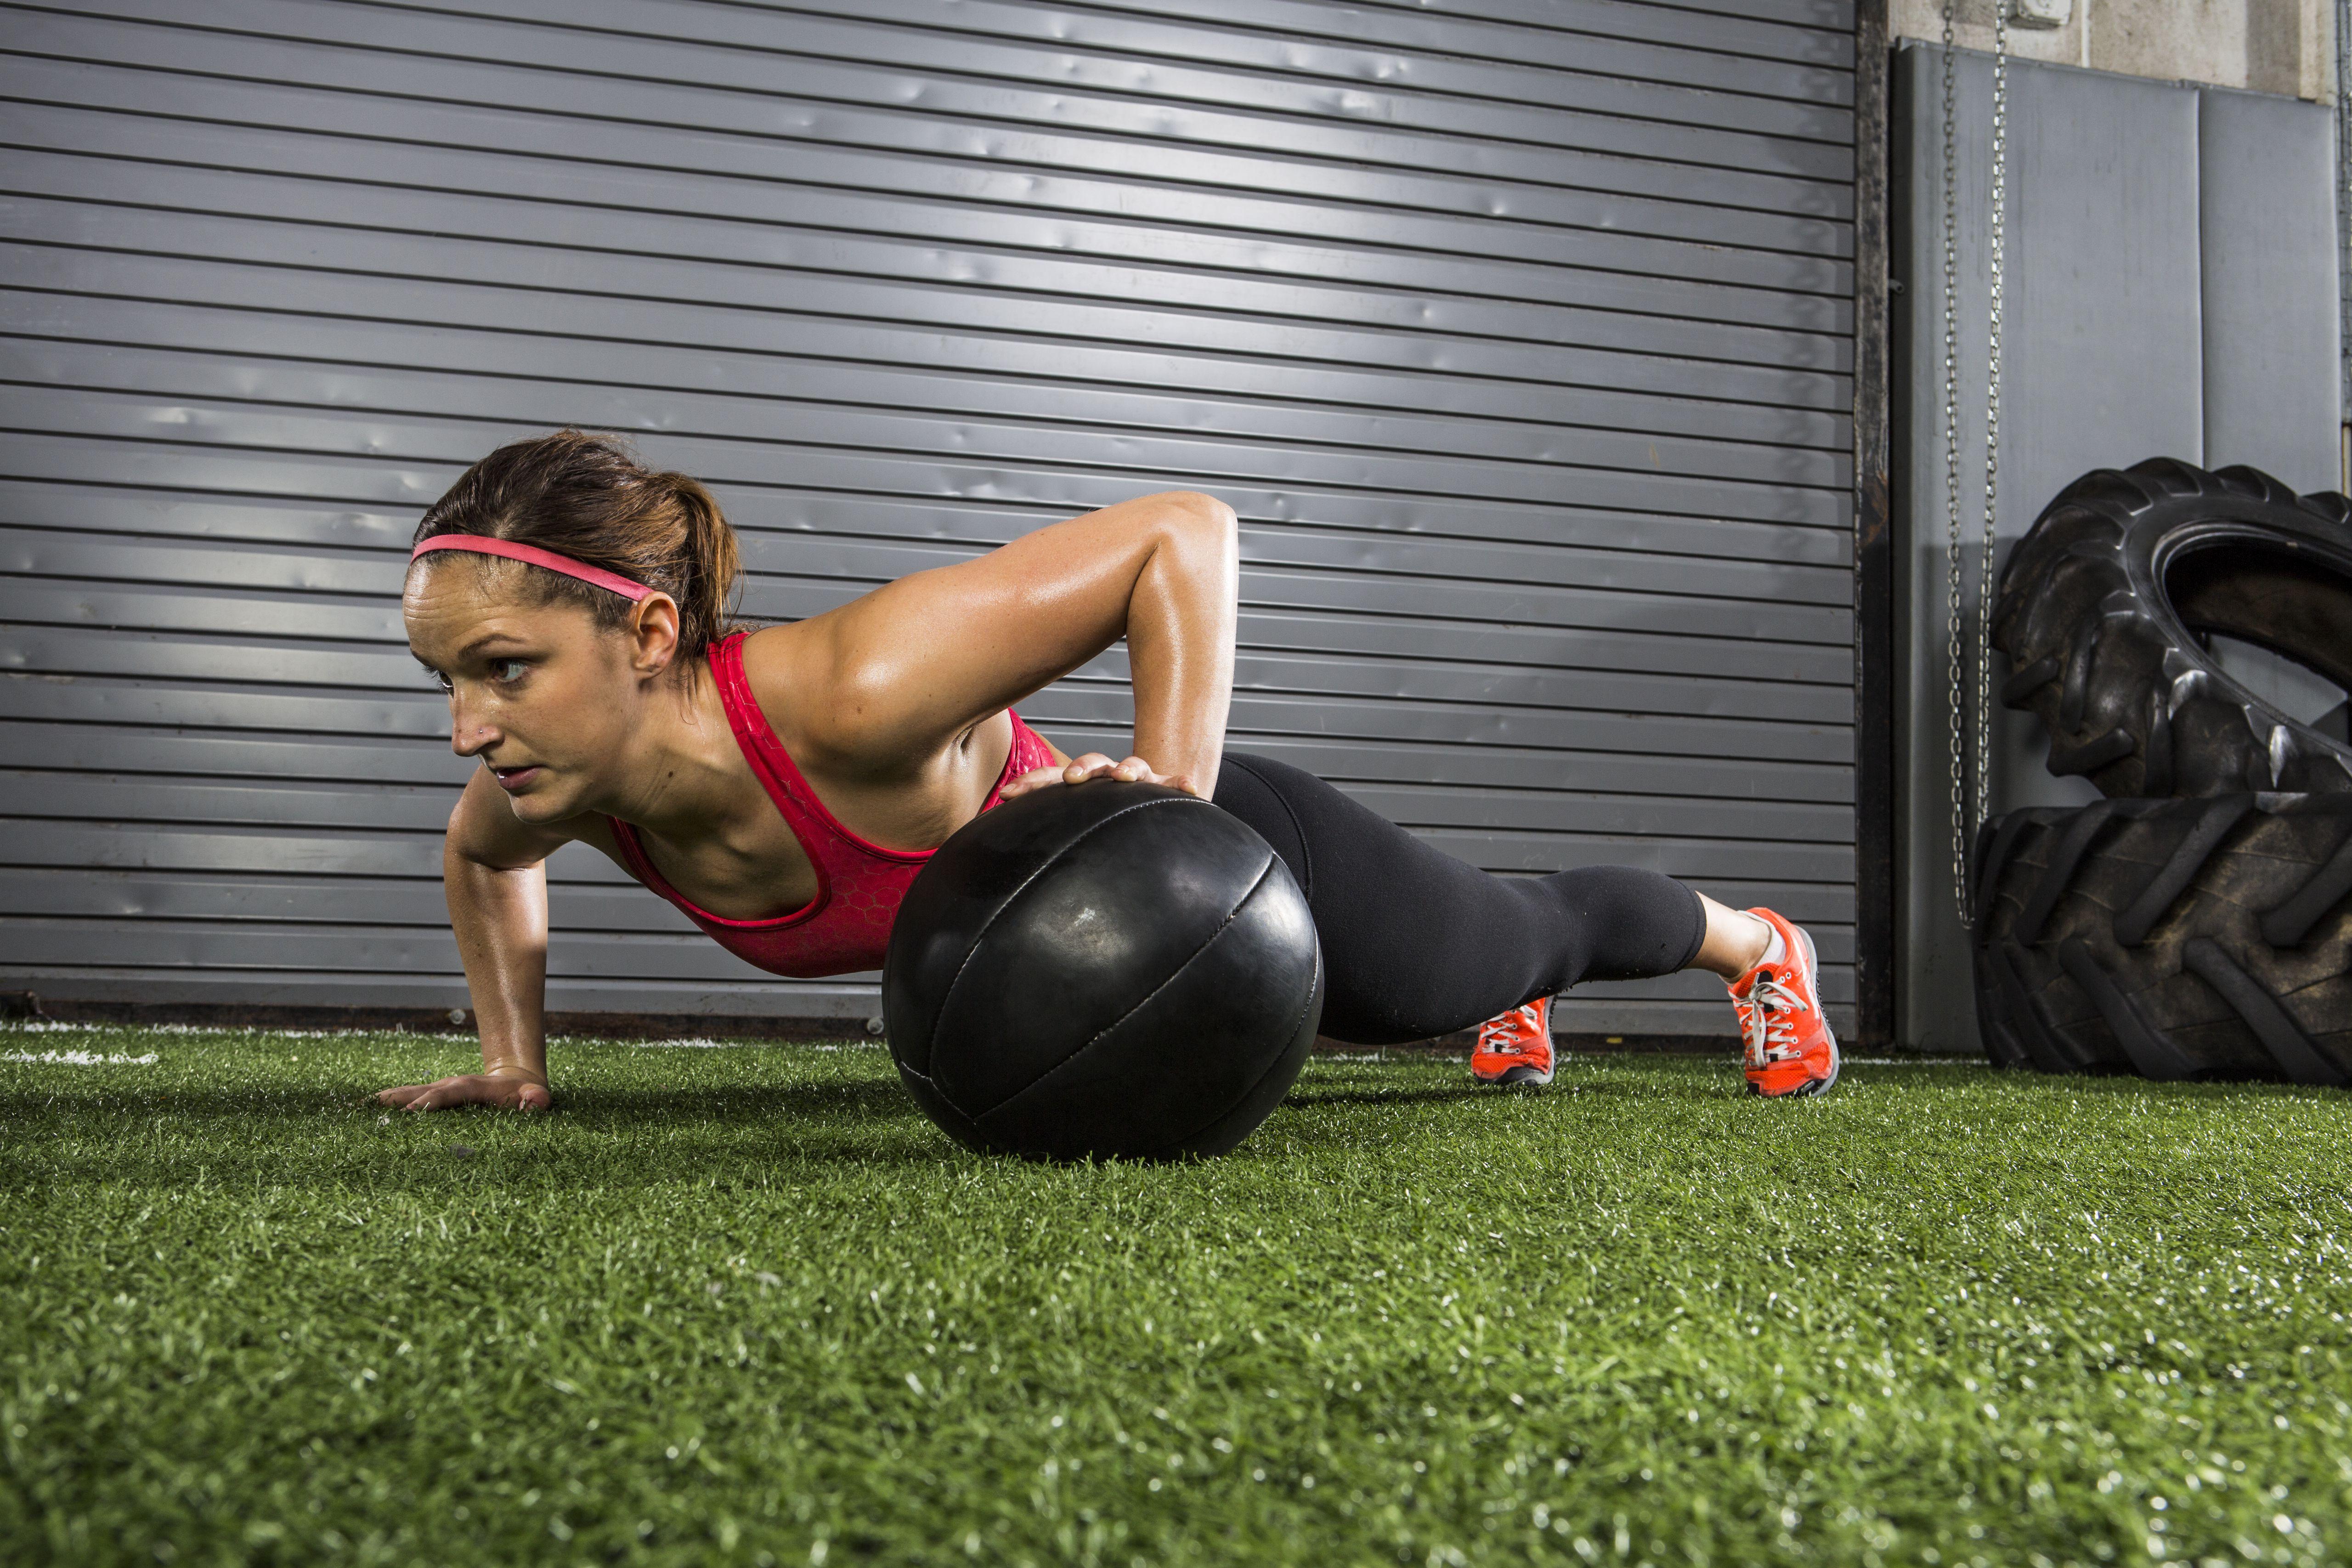 Atleta trabajando con balón medicinal